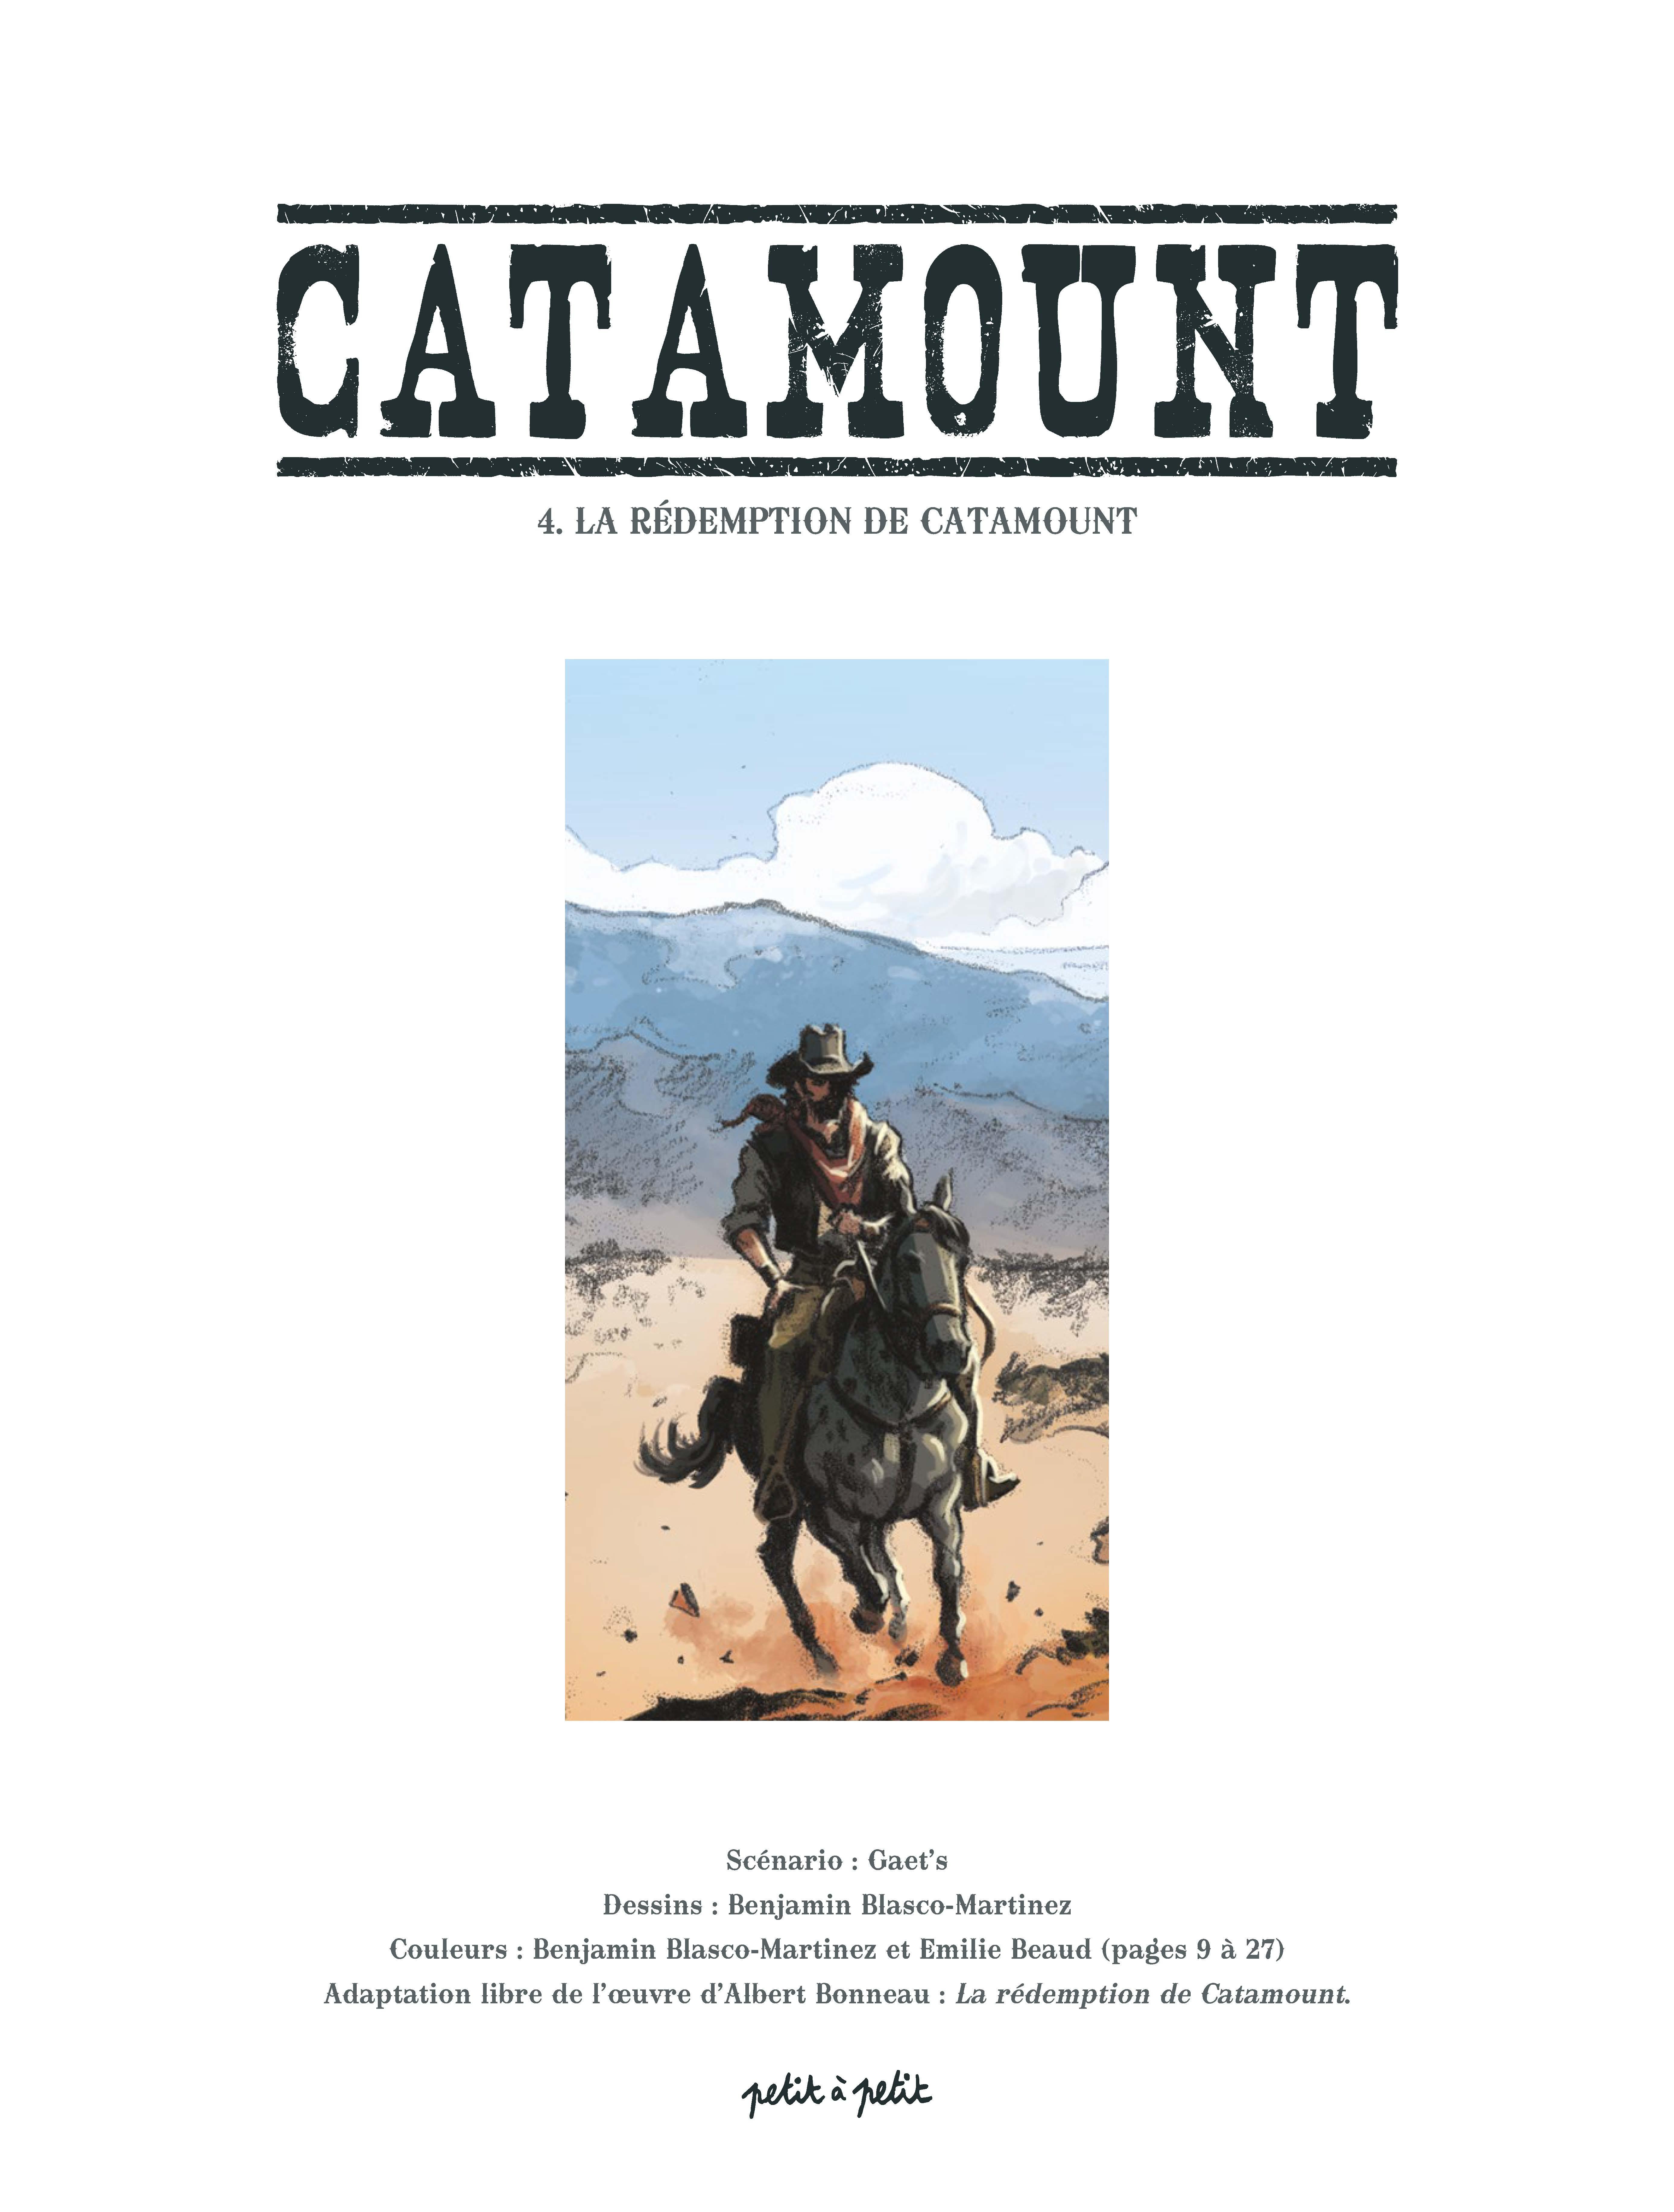 La rédemption de Catamount - exraits